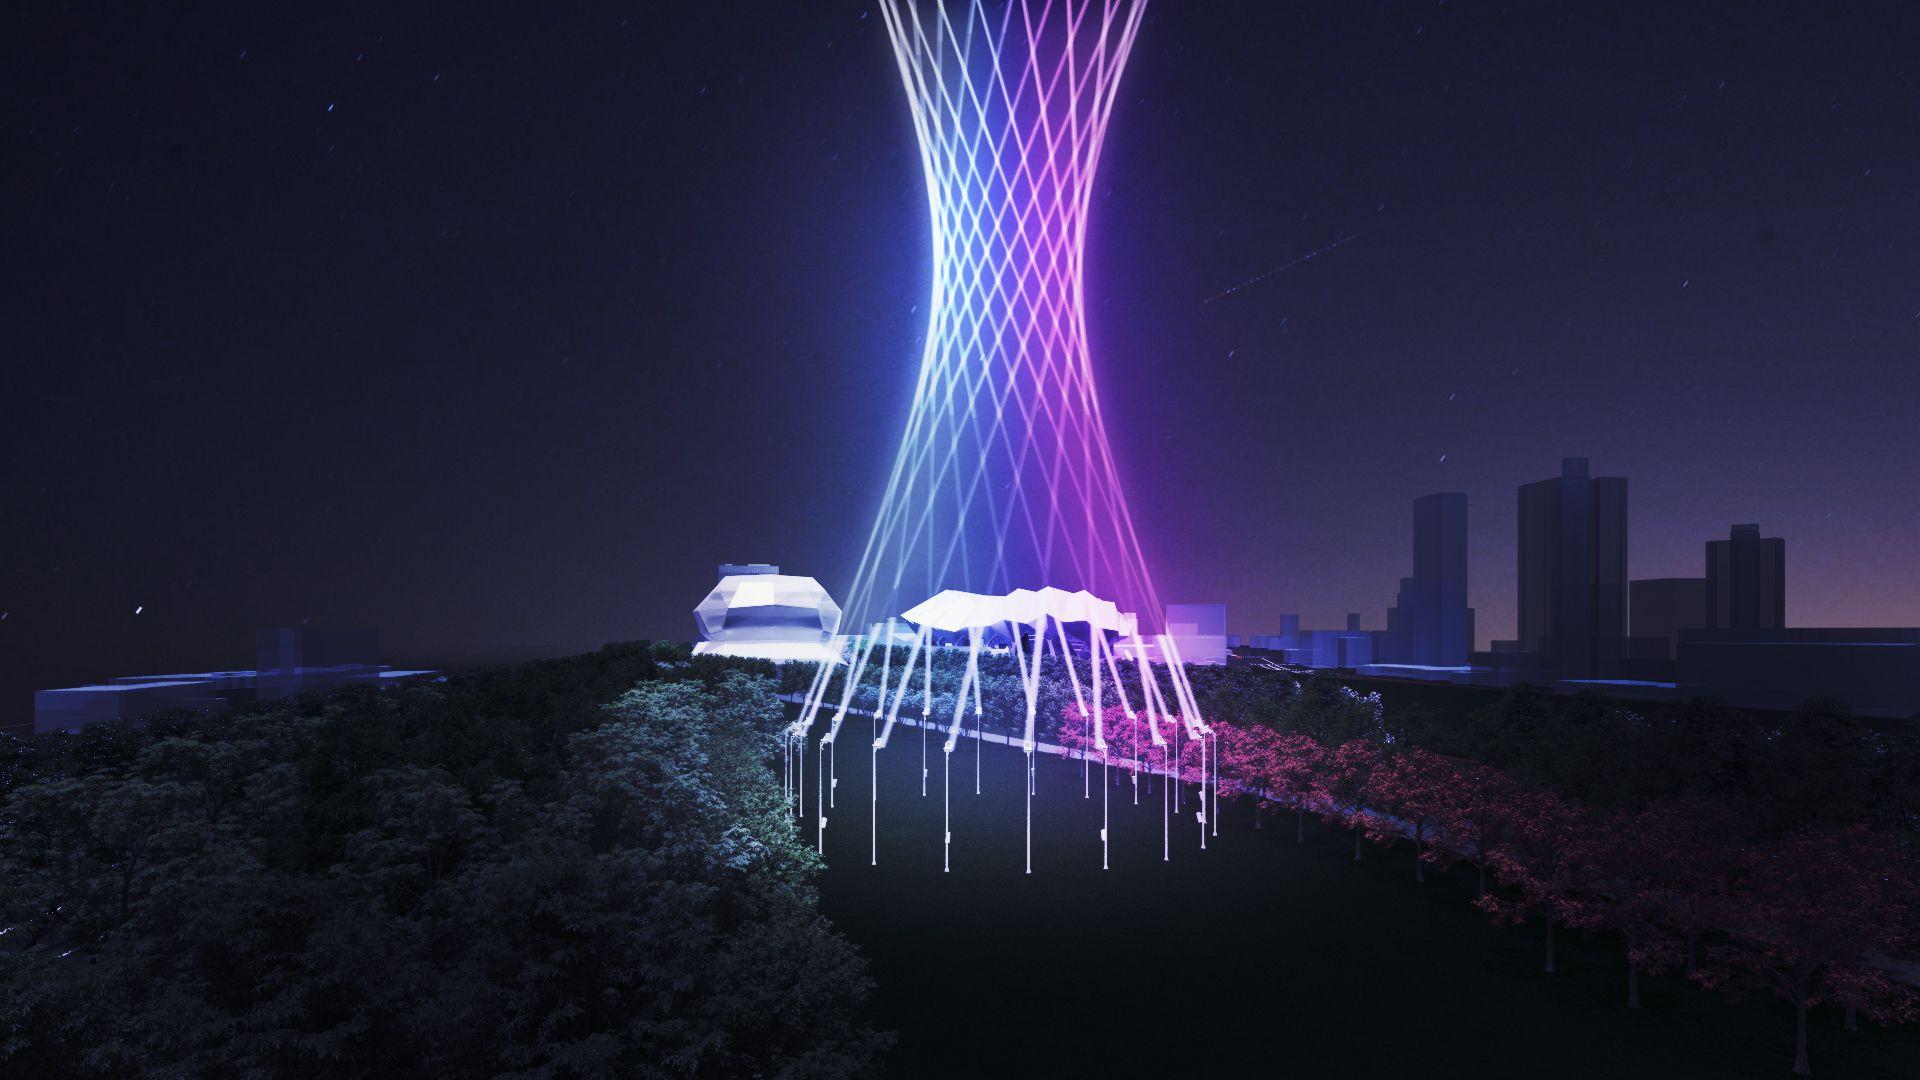 《幻流行光》以舞台聲光結合數位科技,形成光線的雕塑藝術。